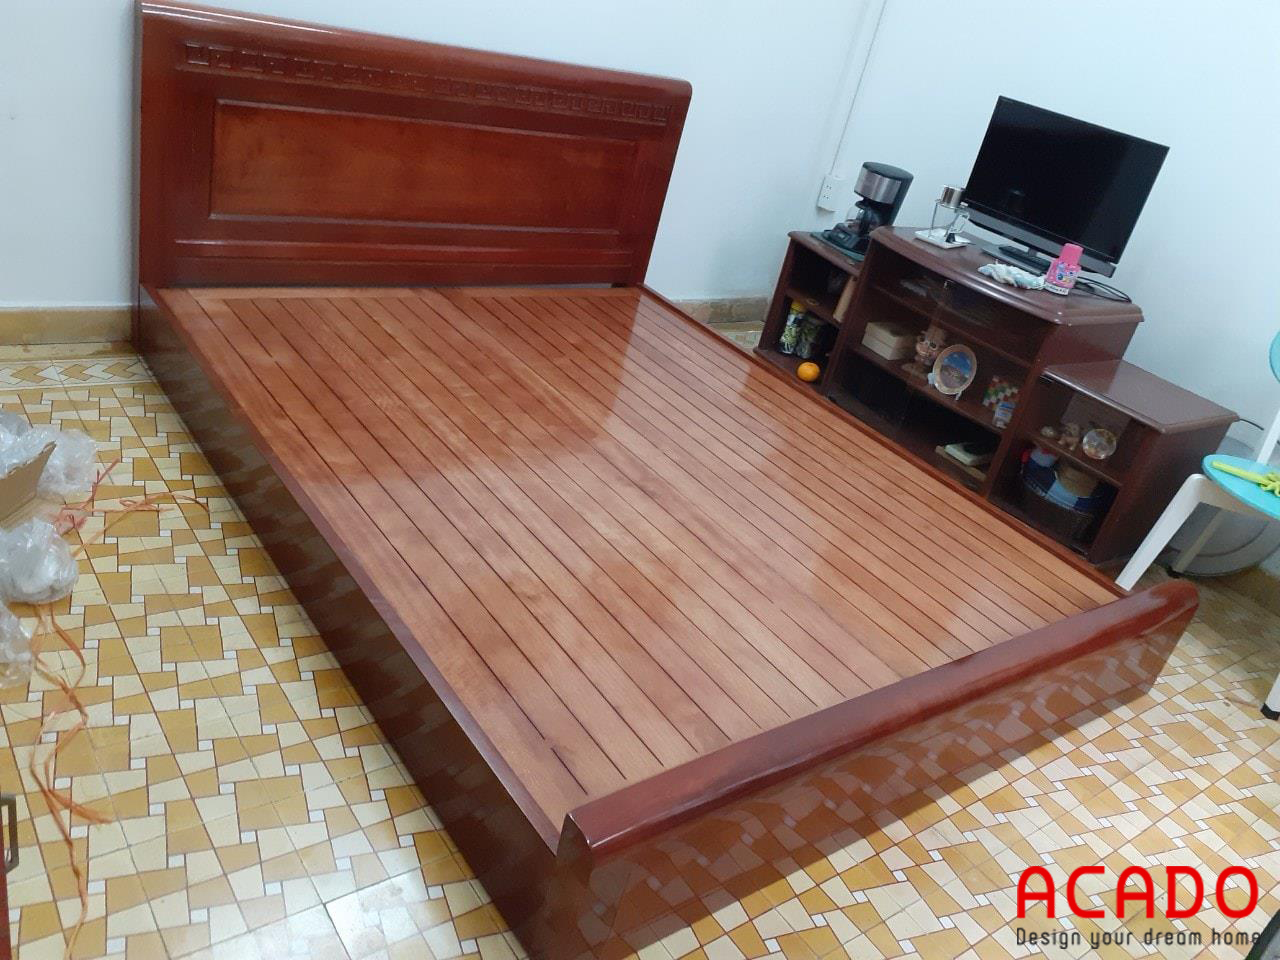 Giường ngủ gỗ gõ đỏ sang trọng cho người dùng